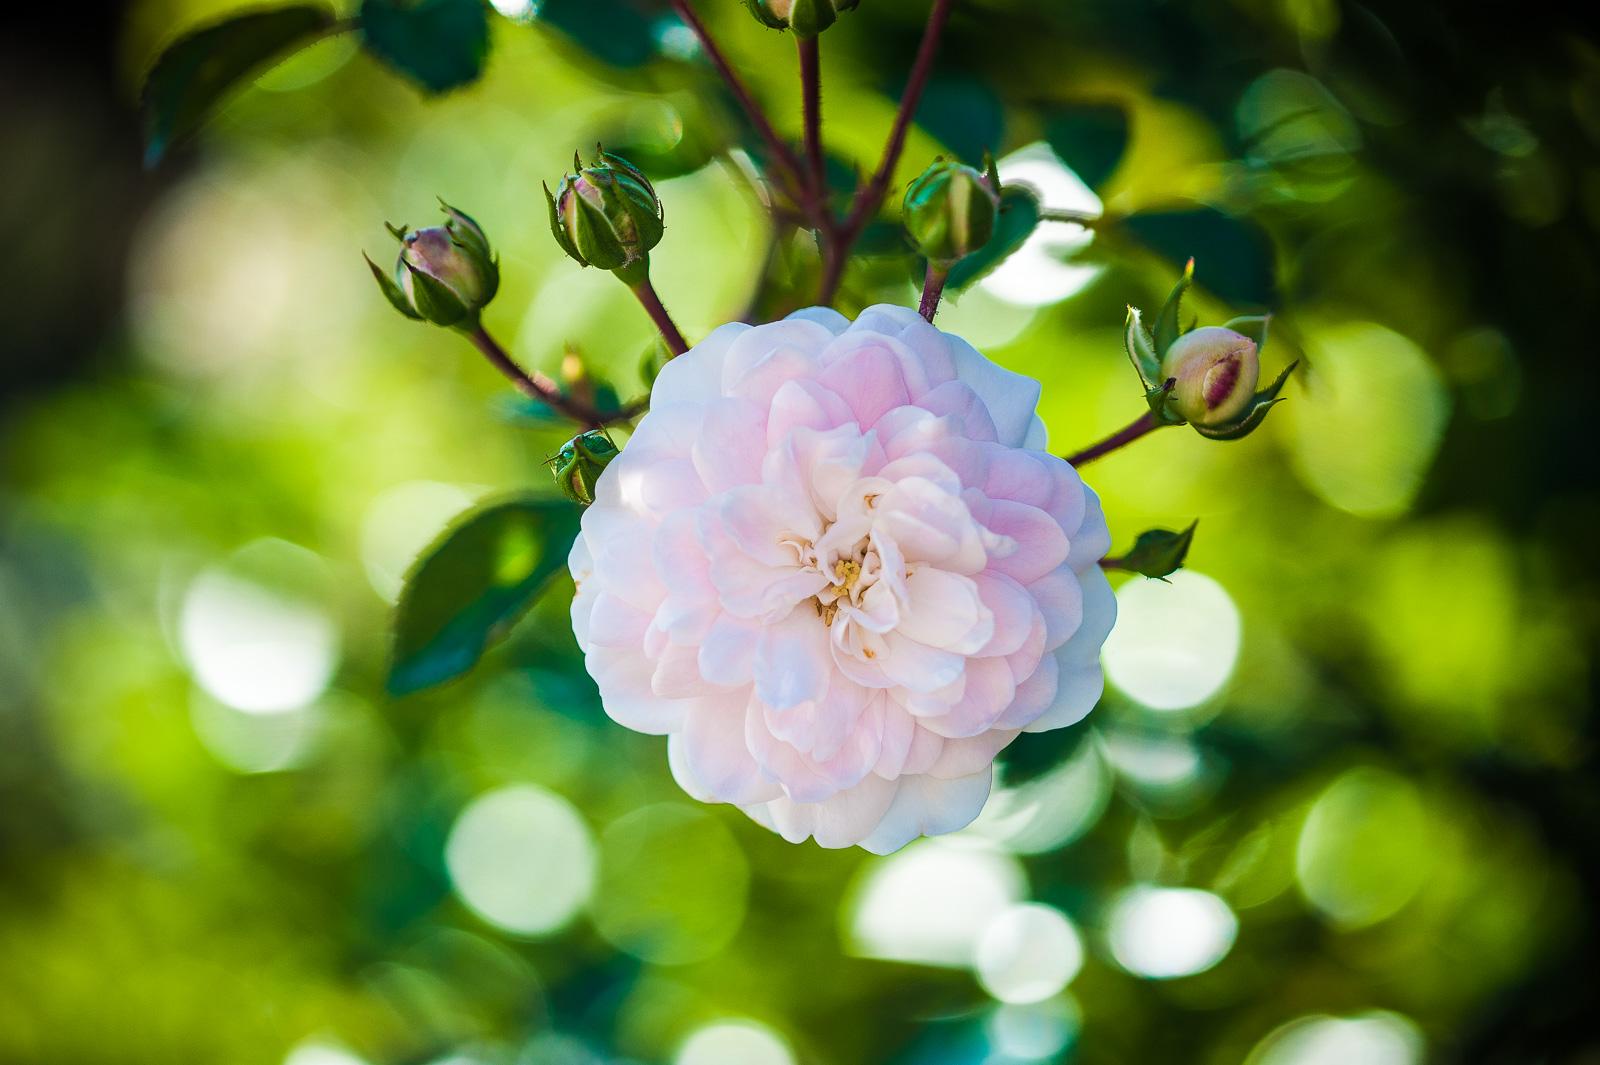 einzelne gefüllte blassrosa Rose vor Grün